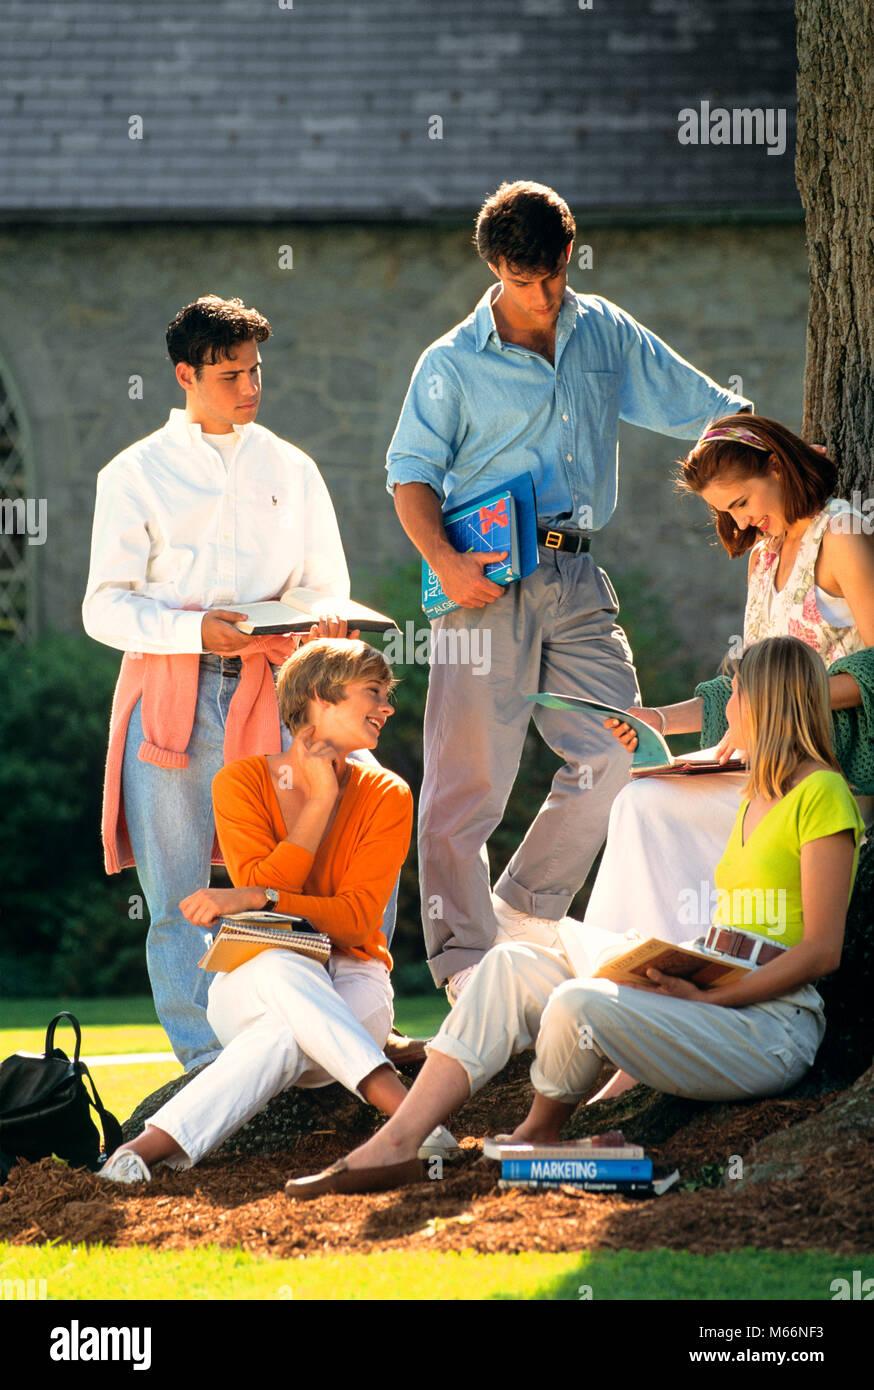 1990 s 5 STUDENTEN MIT LEHRBÜCHERN AUF DEM CAMPUS GESPRÄCH UNTER EINEM BAUM-ks 31723 DEG 002 HARS KLEIDUNG Stockbild